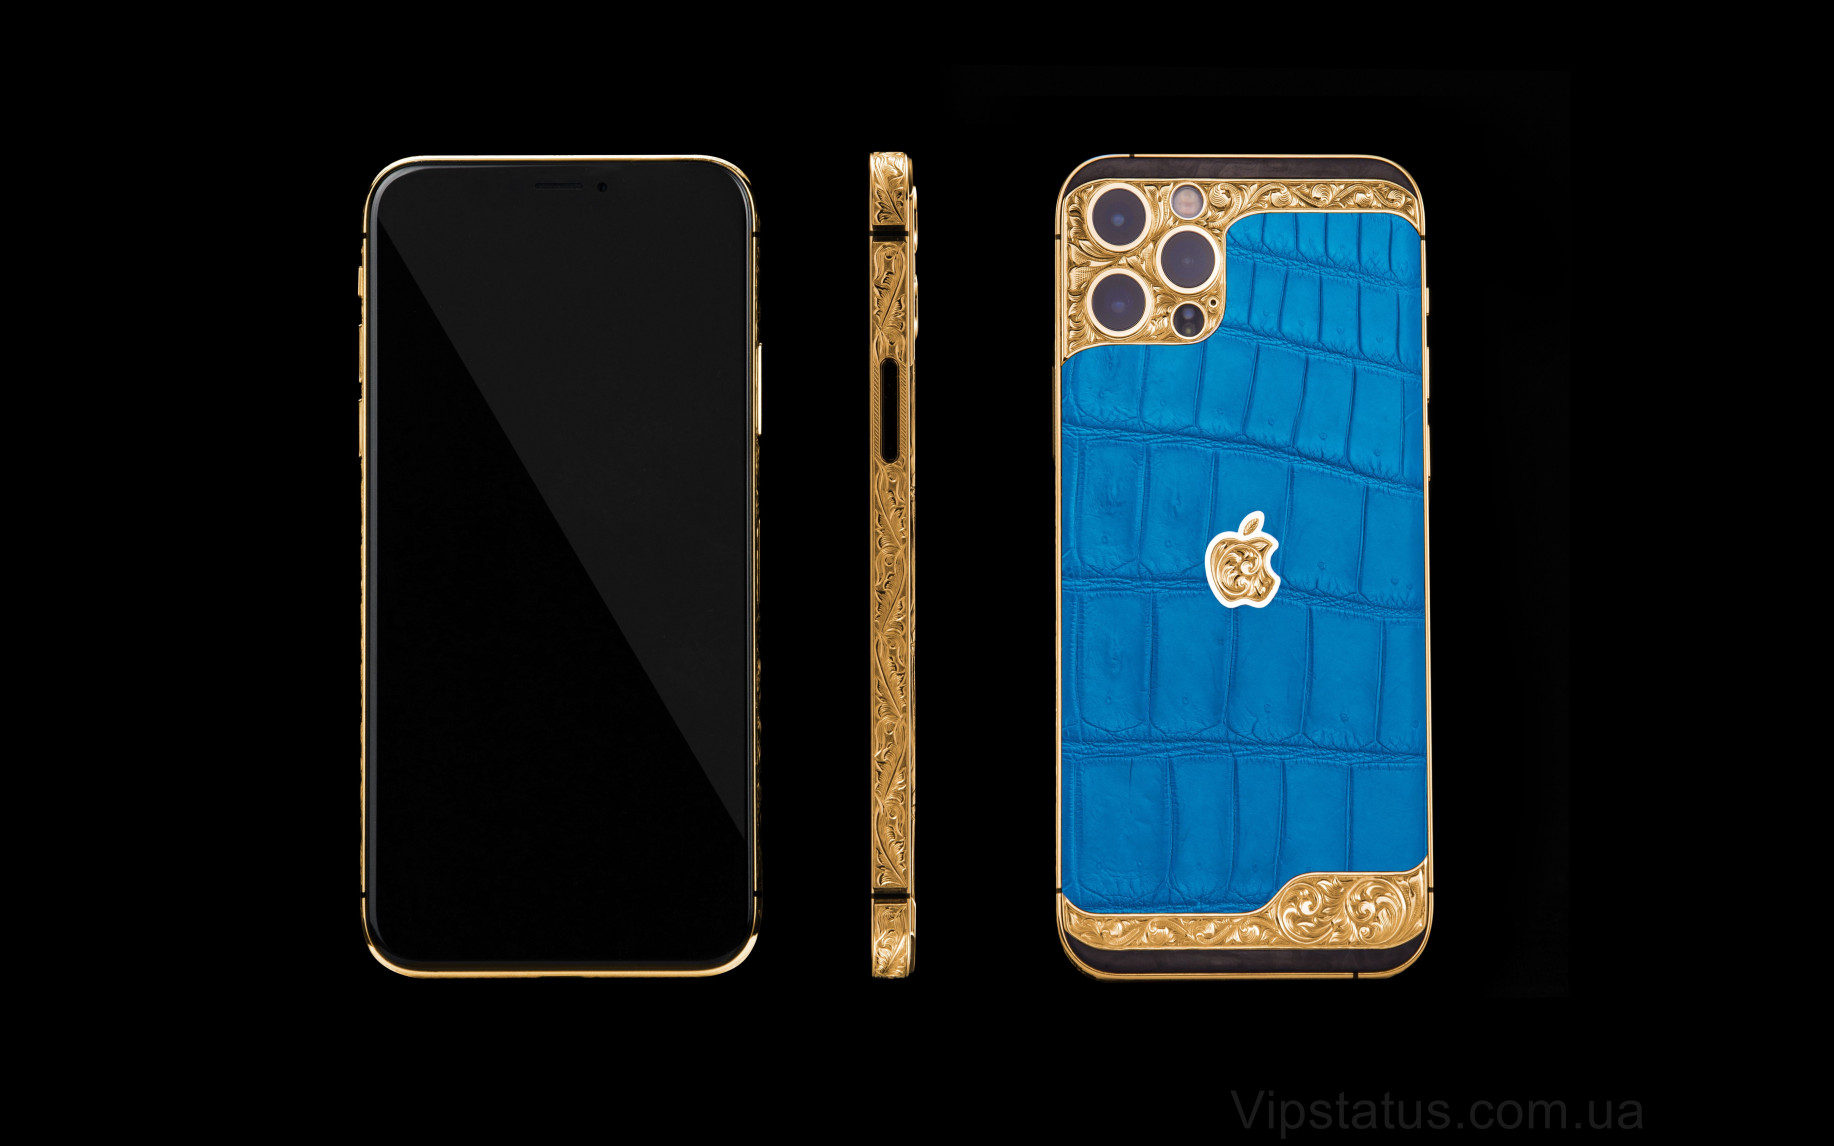 Elite Azure Queen Edition IPHONE 12 PRO MAX 512 GB Azure Queen Edition IPHONE 12 PRO MAX 512 GB image 4